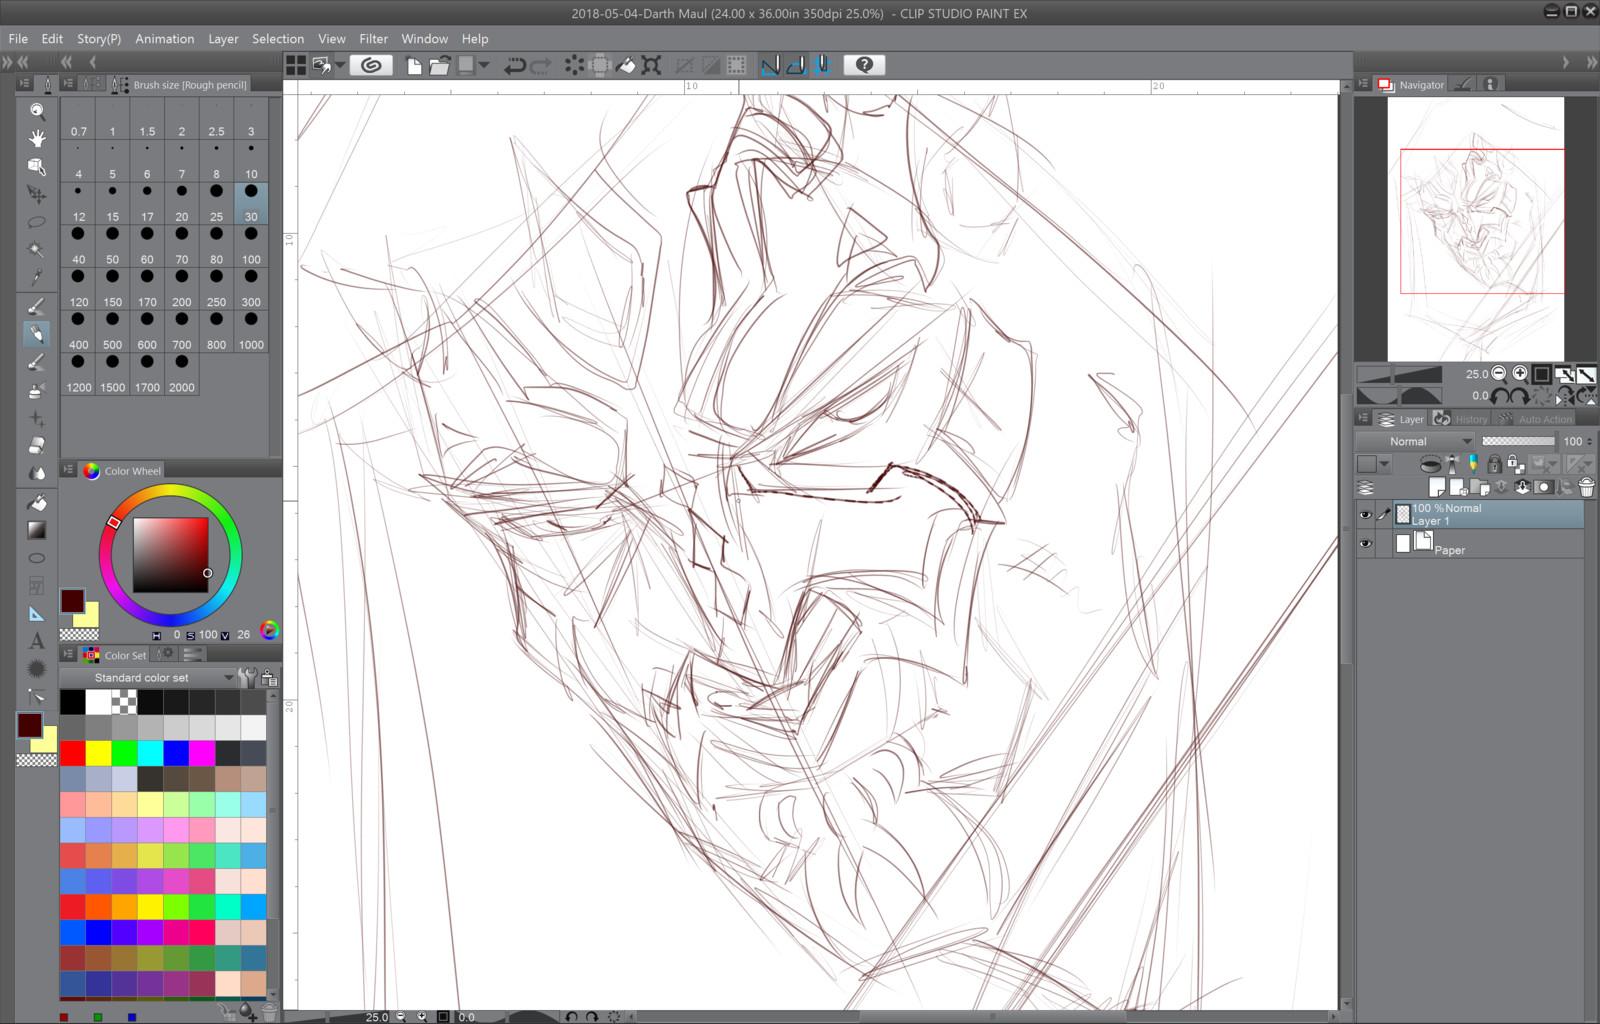 01-Rough Sketch